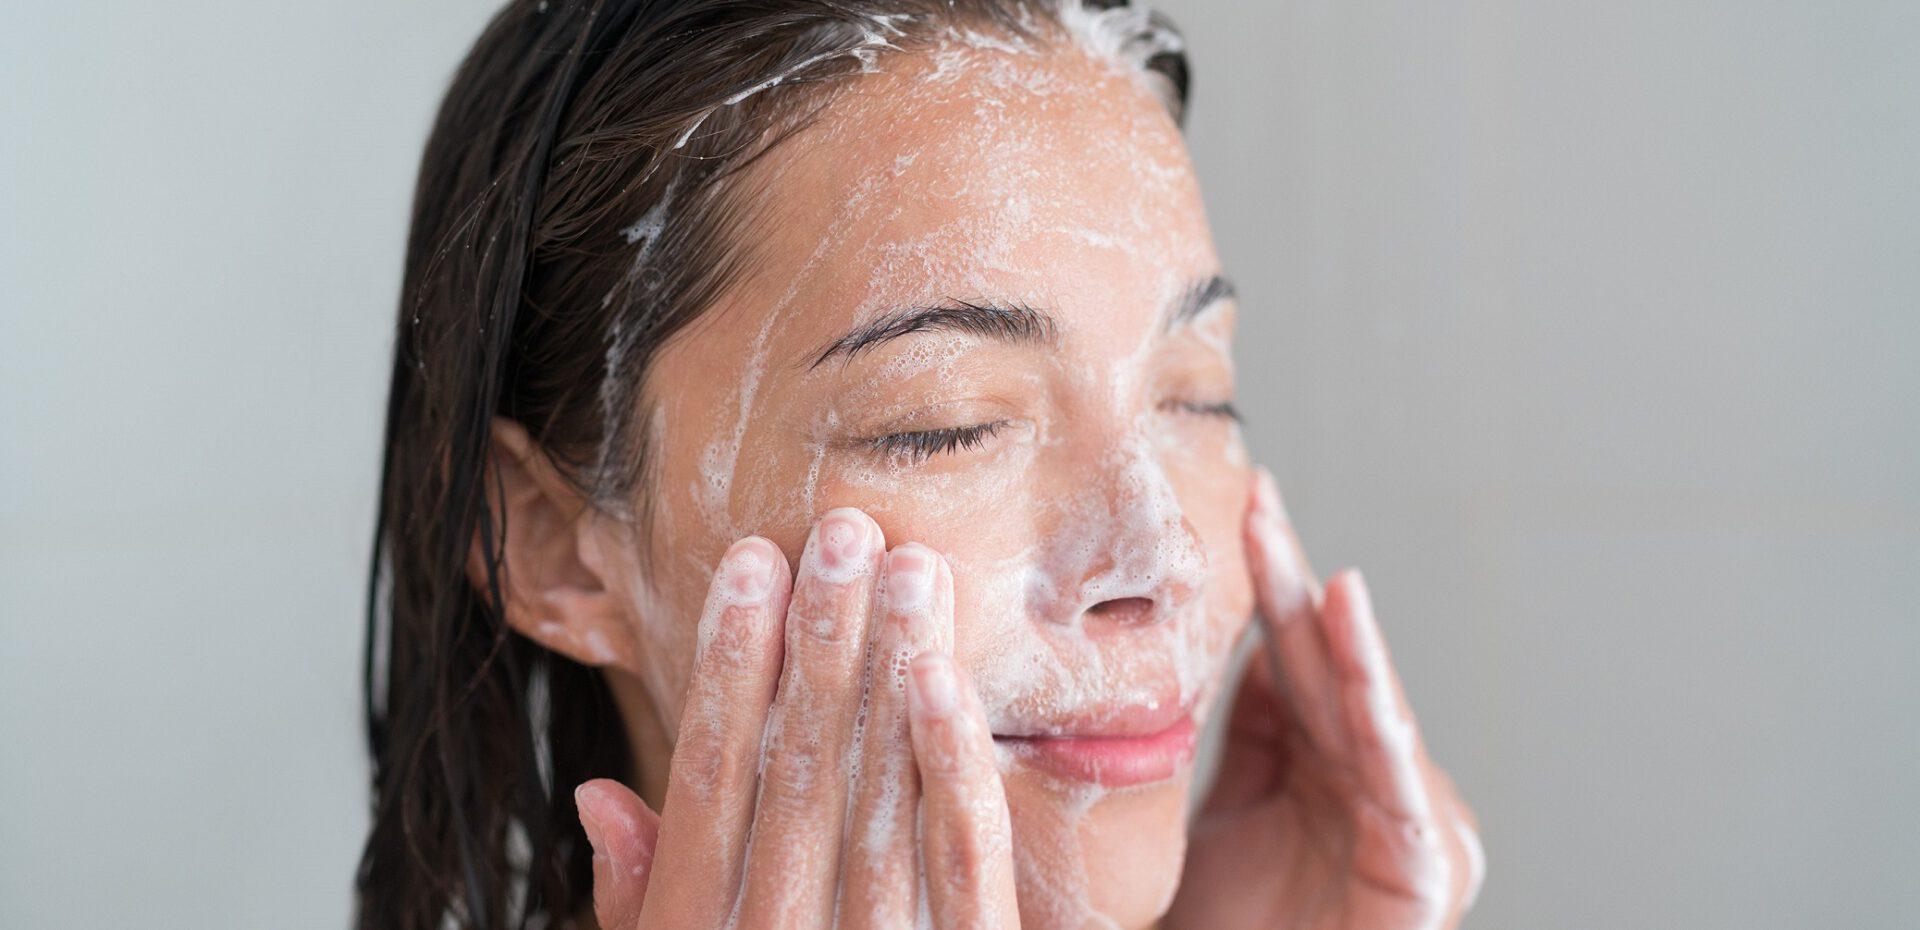 استفاده از شوینده های صورت، مخصوص پوست صورت